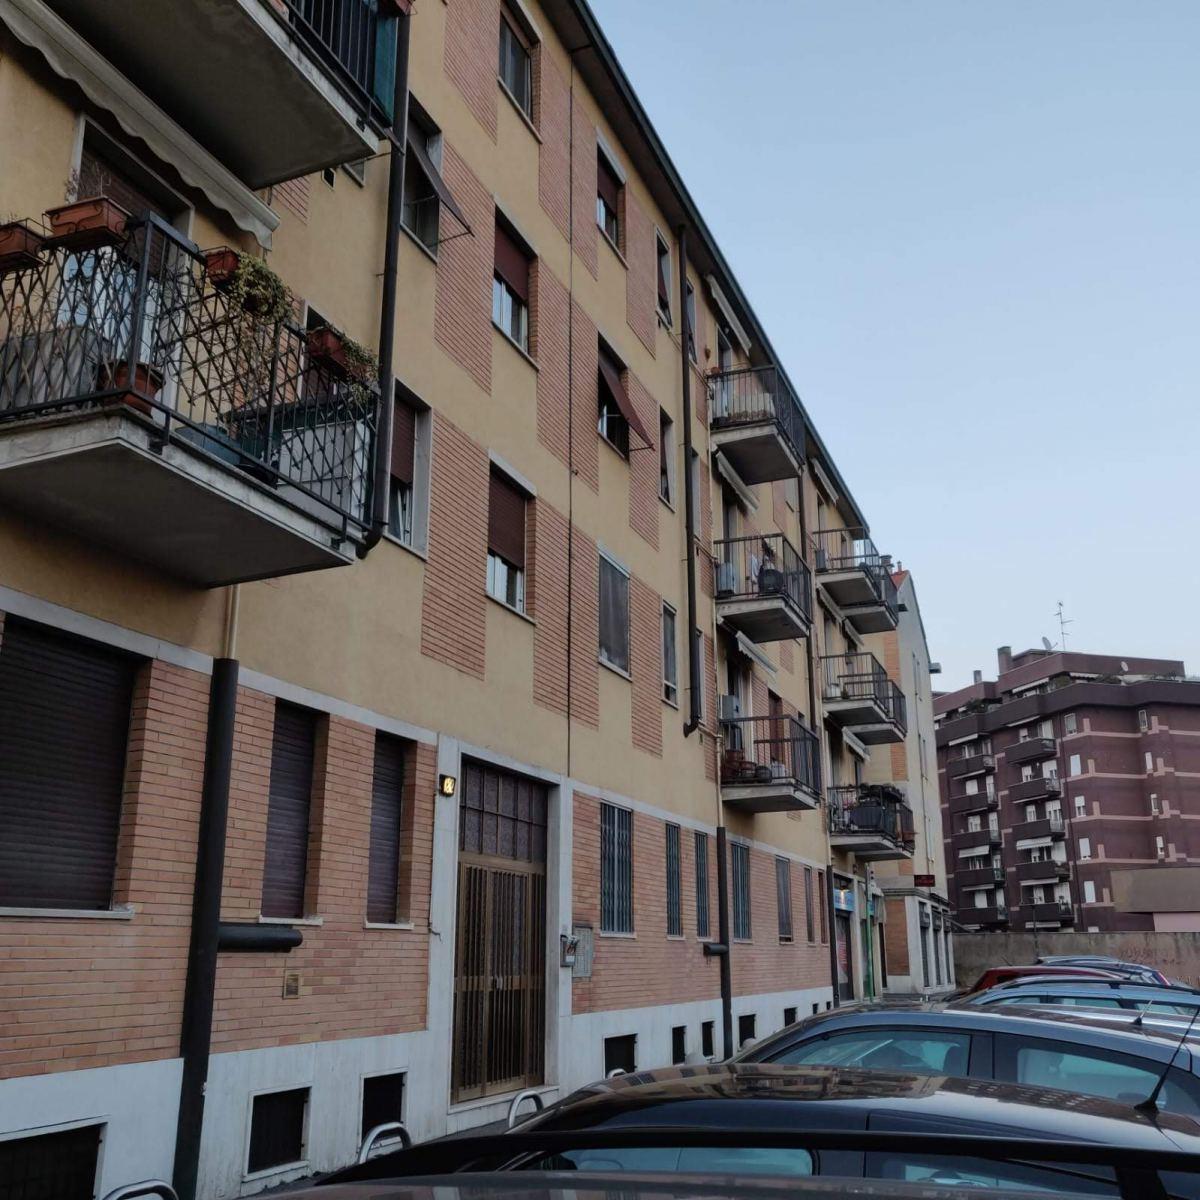 appartamento-in-vendita-milano-quinto-romano-via-novara-2-locali-bilocale-spaziourbano-immobiliare-vende-9